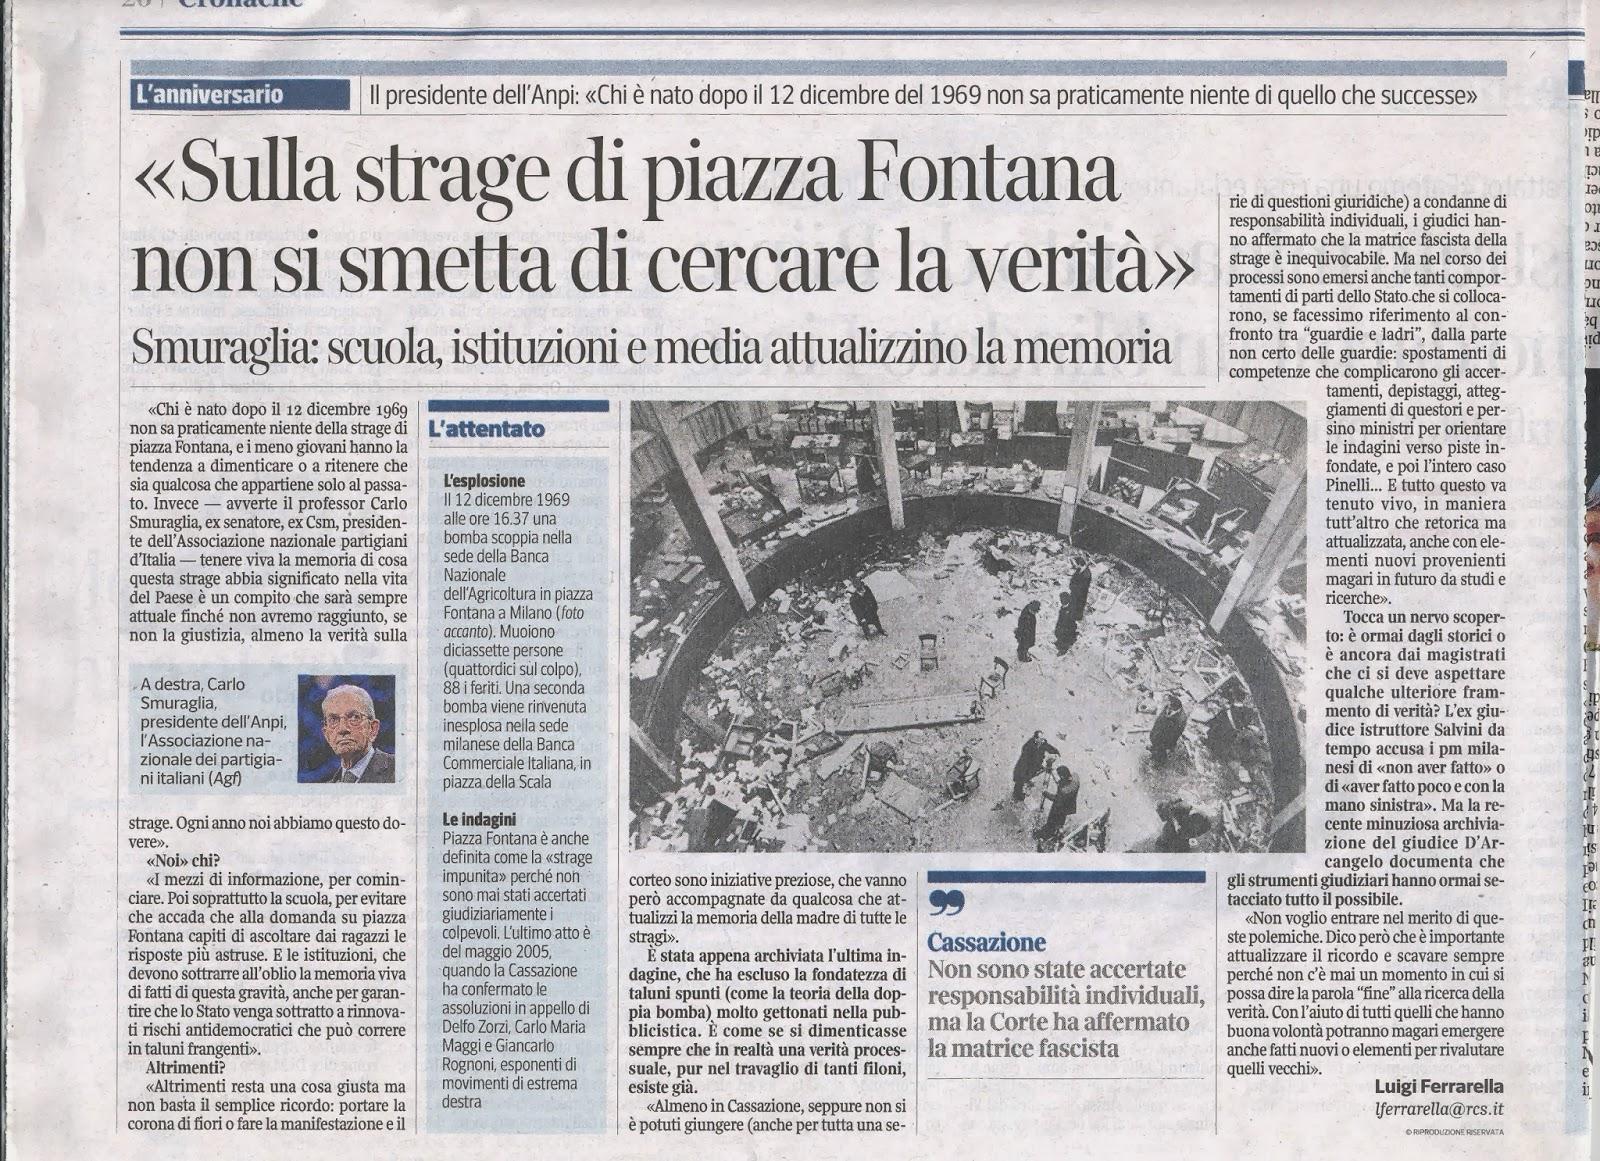 A n p i provinciale di roma carlo smuraglia verit sulla strage di piazza fontana il corriere della sera 11 novembre 2013